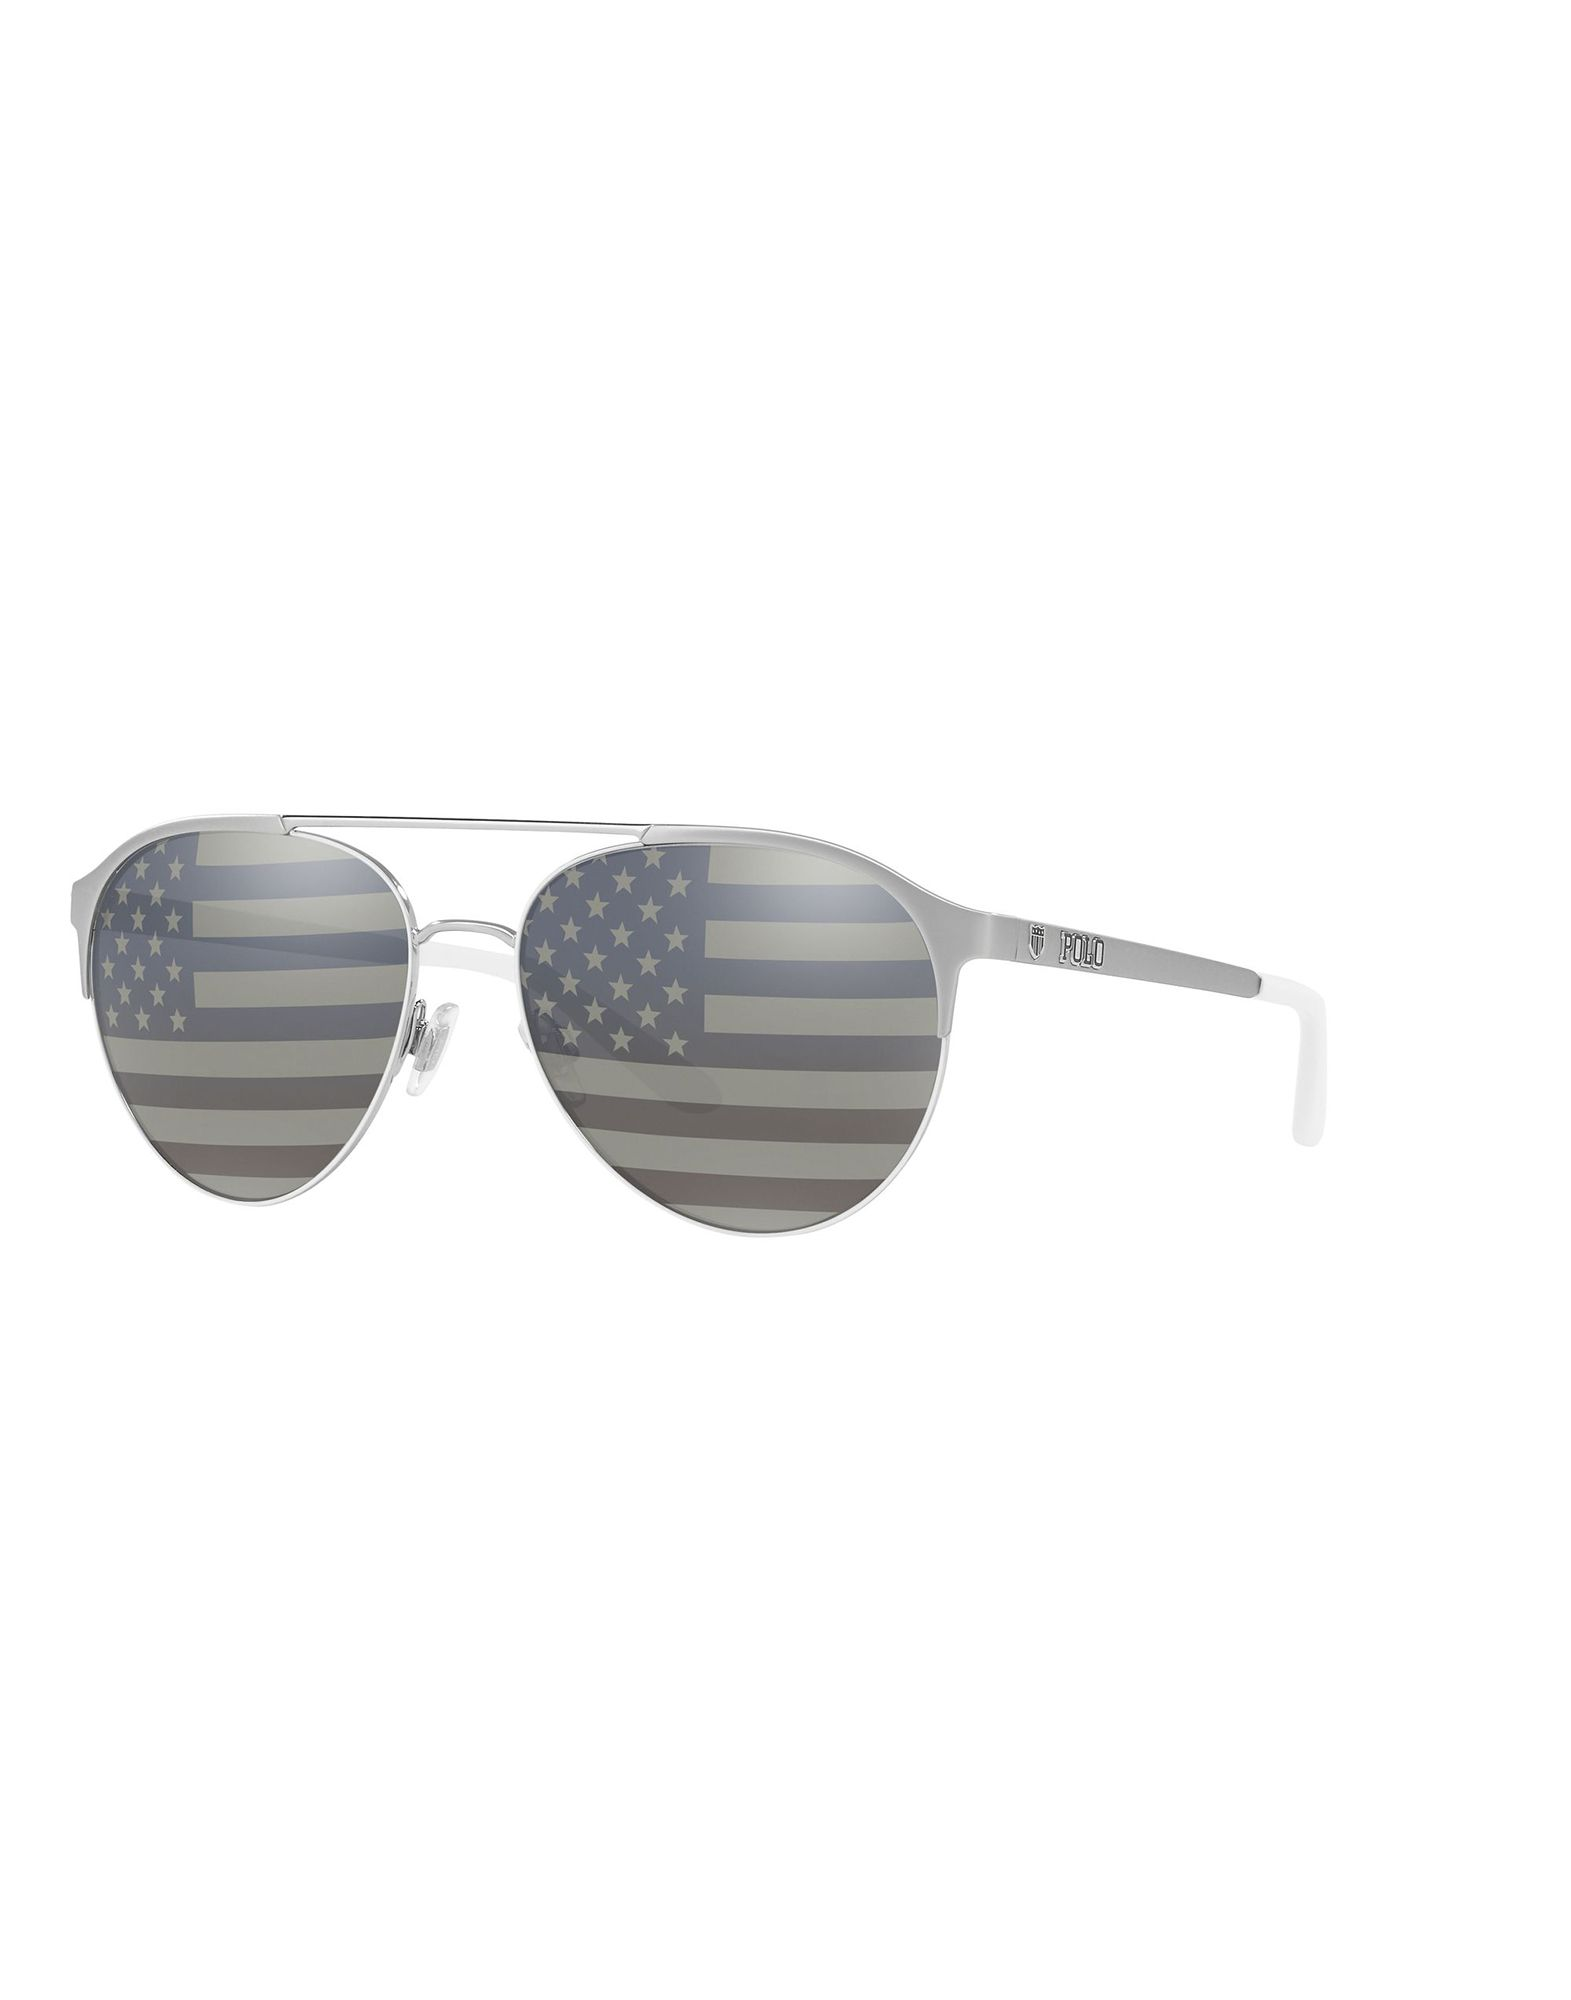 Polo Ralph Lauren Sunglasses In Silver